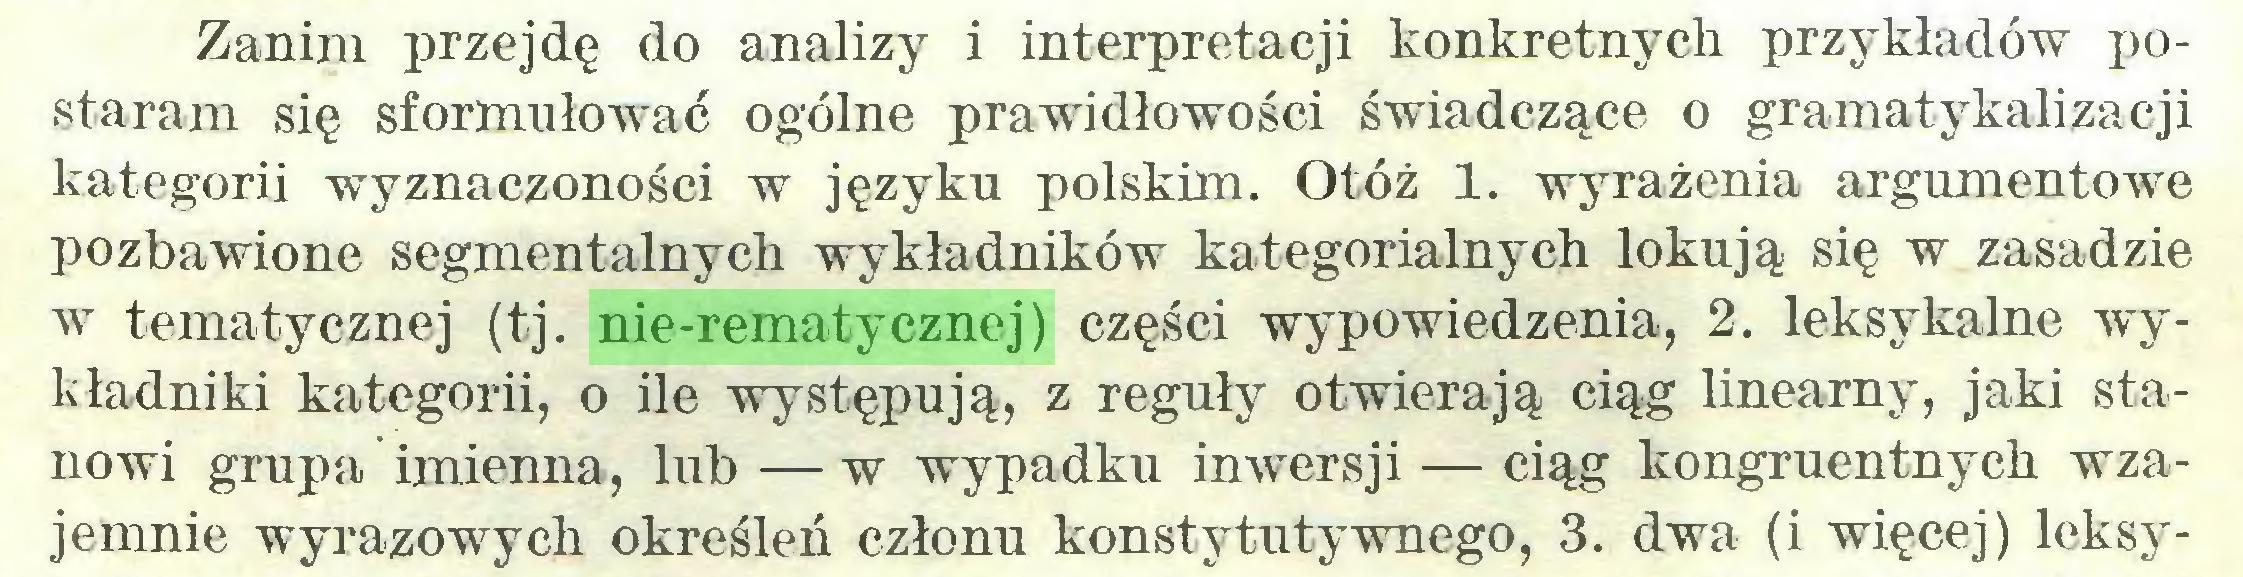 (...) Zanim przejdę do analizy i interpretacji konkretnych przykładów postaram się sformułować ogólne prawidłowości świadczące o gramatykalizacji kategorii wyznaczoności w języku polskim. Otóż 1. wyrażenia argumentowe pozbawione segmentalnych wykładników kategorialnych lokują się w zasadzie w tematycznej (tj. nie-rematycznej) części wypowiedzenia, 2. leksykalne wykładniki kategorii, o ile występują, z reguły otwierają ciąg linearny, jaki stanowi grupa imienna, lub — w wypadku inwersji — ciąg kongruentnych wzajemnie wyrazowych określeń członu konstytutywnego, 3. dwa (i więcej) leksy...